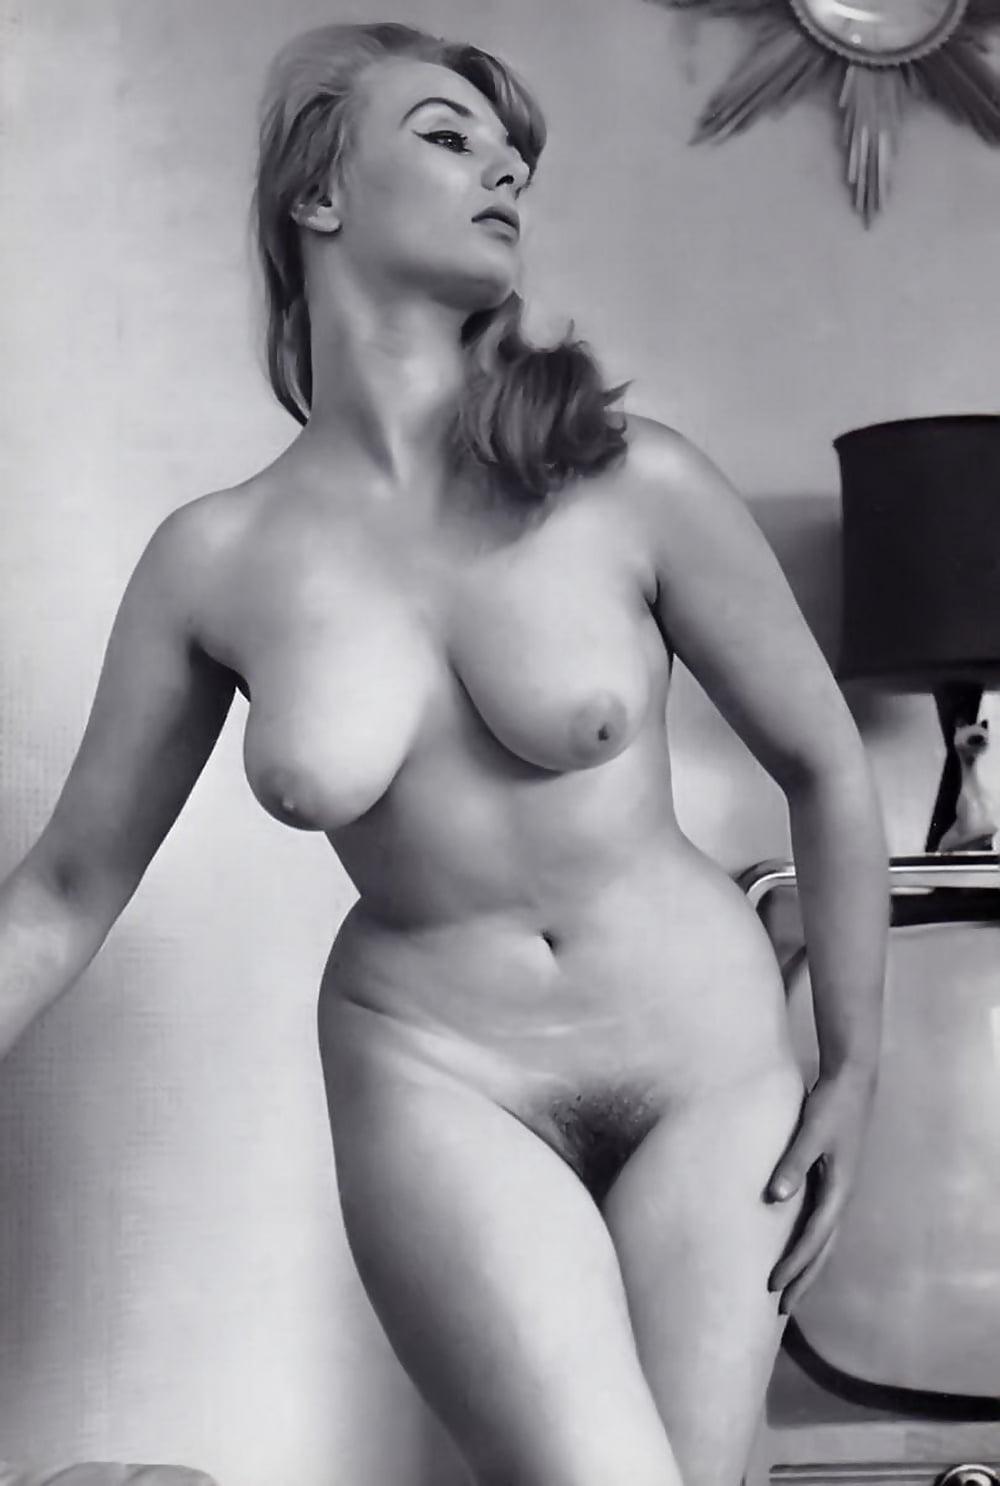 Секс пампинг пышные немецкие девушки эро фото фото секс